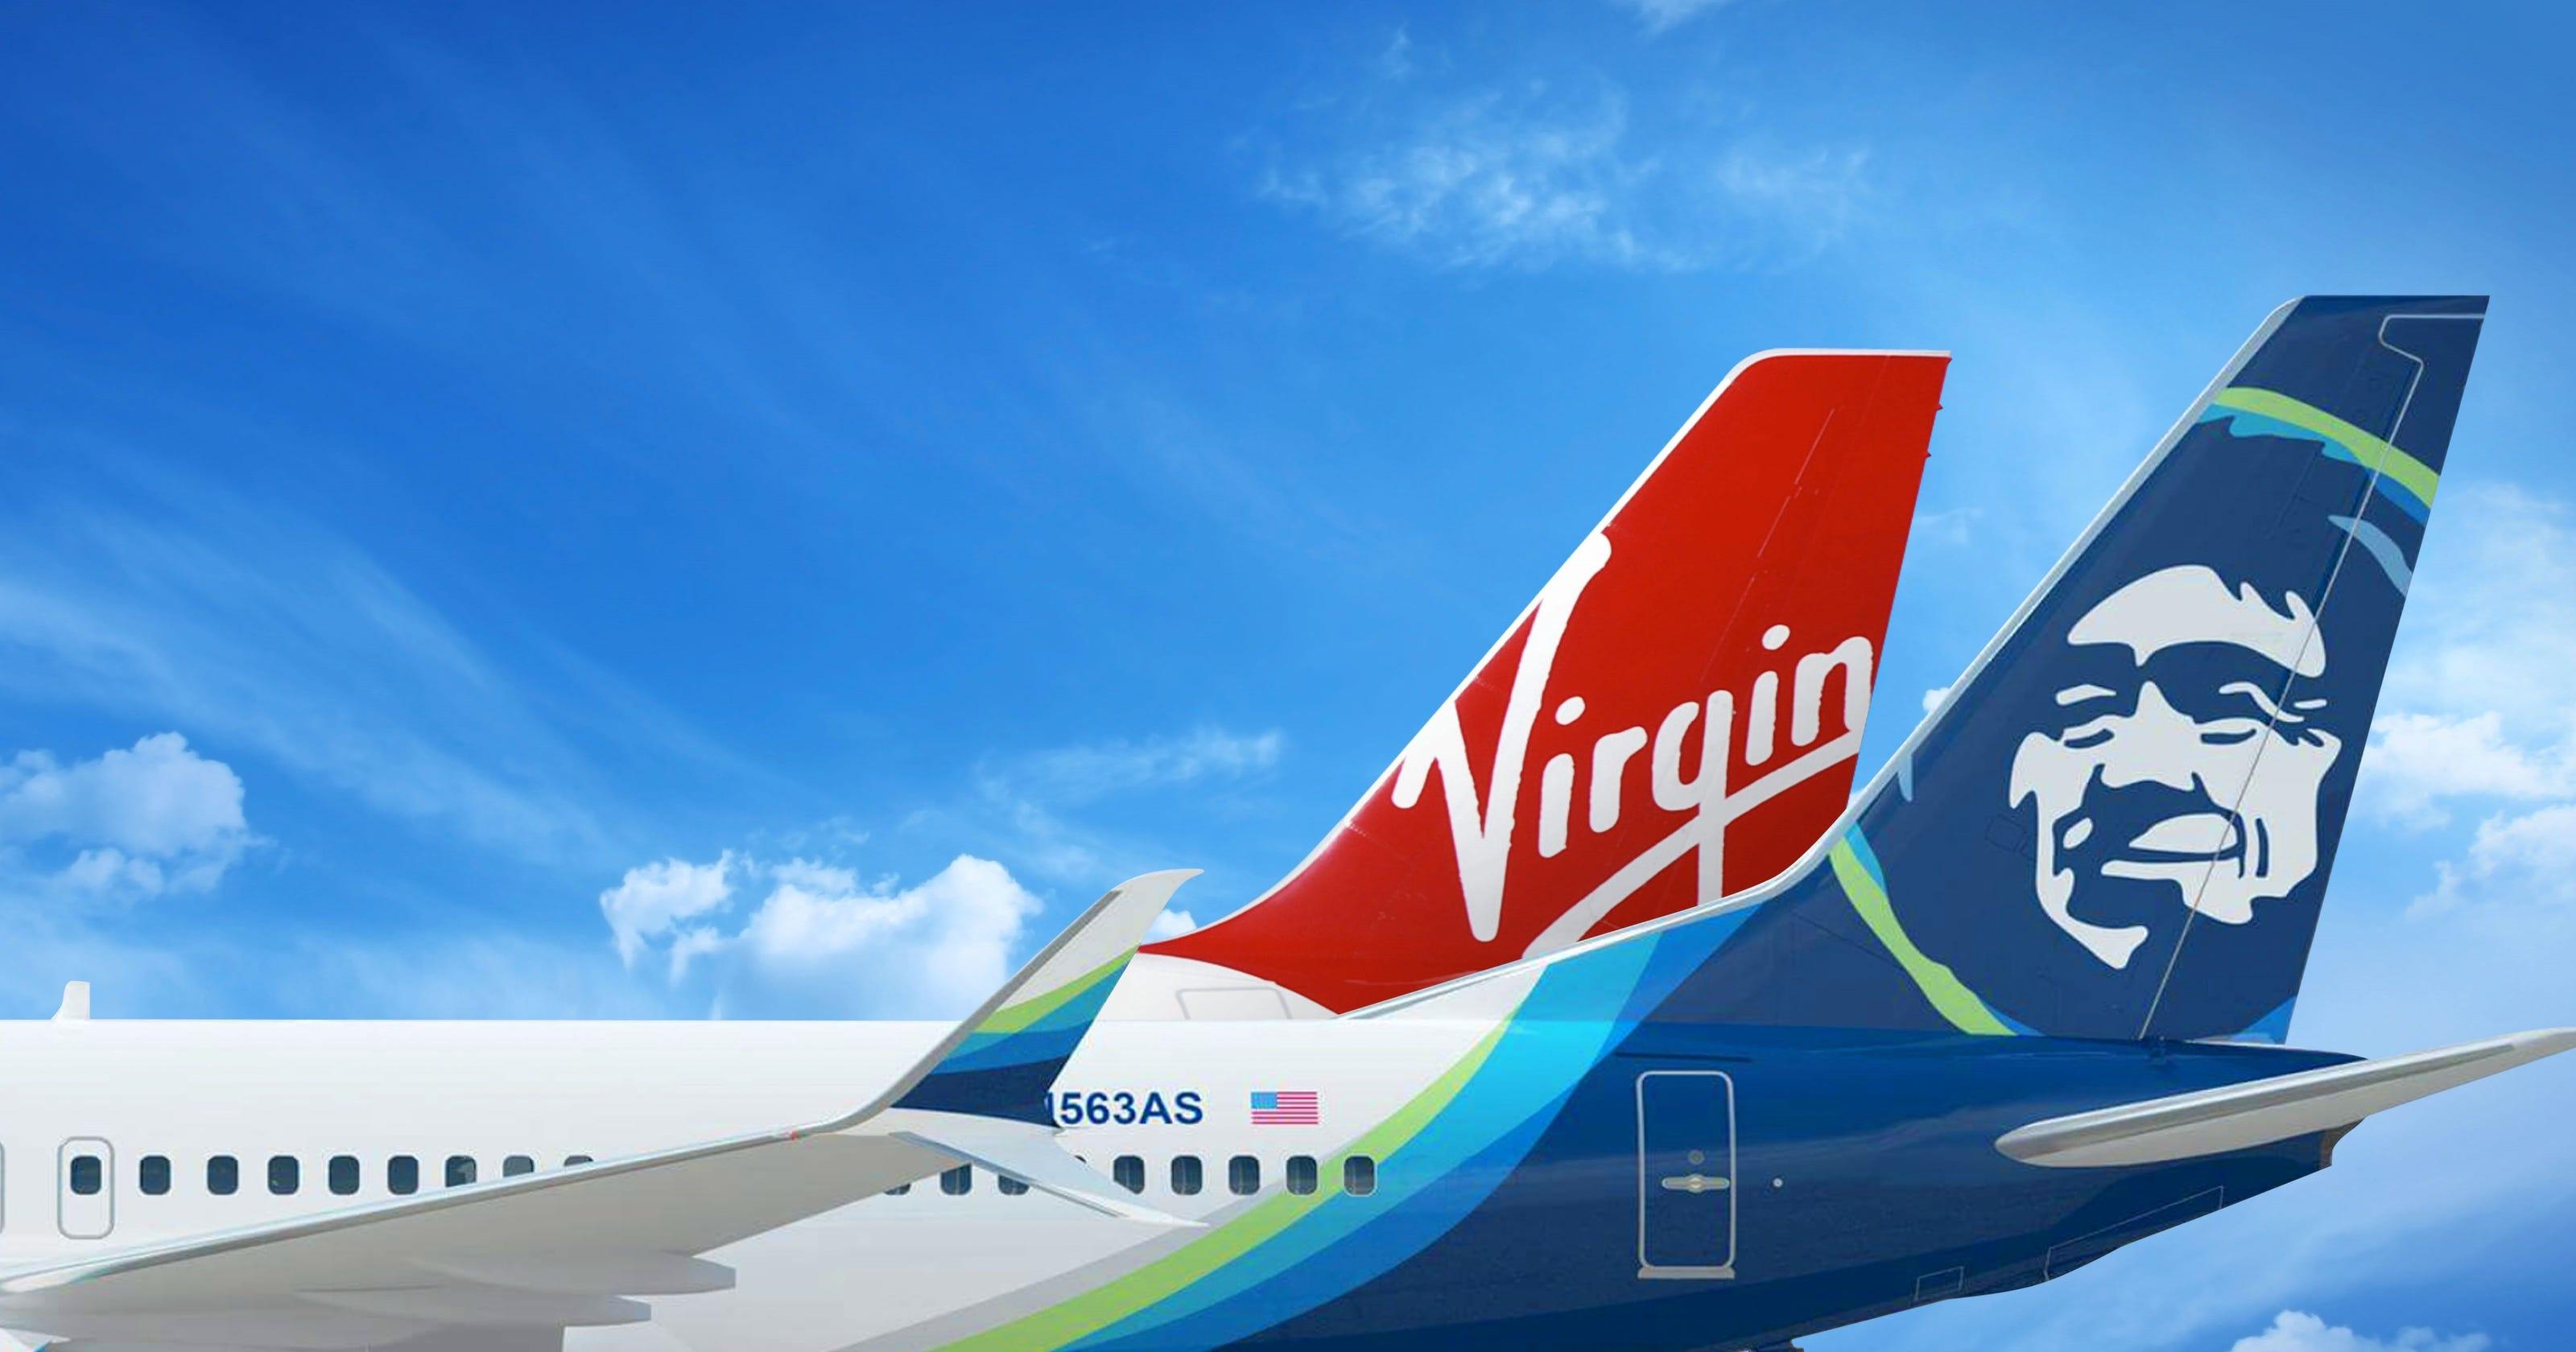 d56c9d0abb87 Alaska Air begins merger with Virgin America